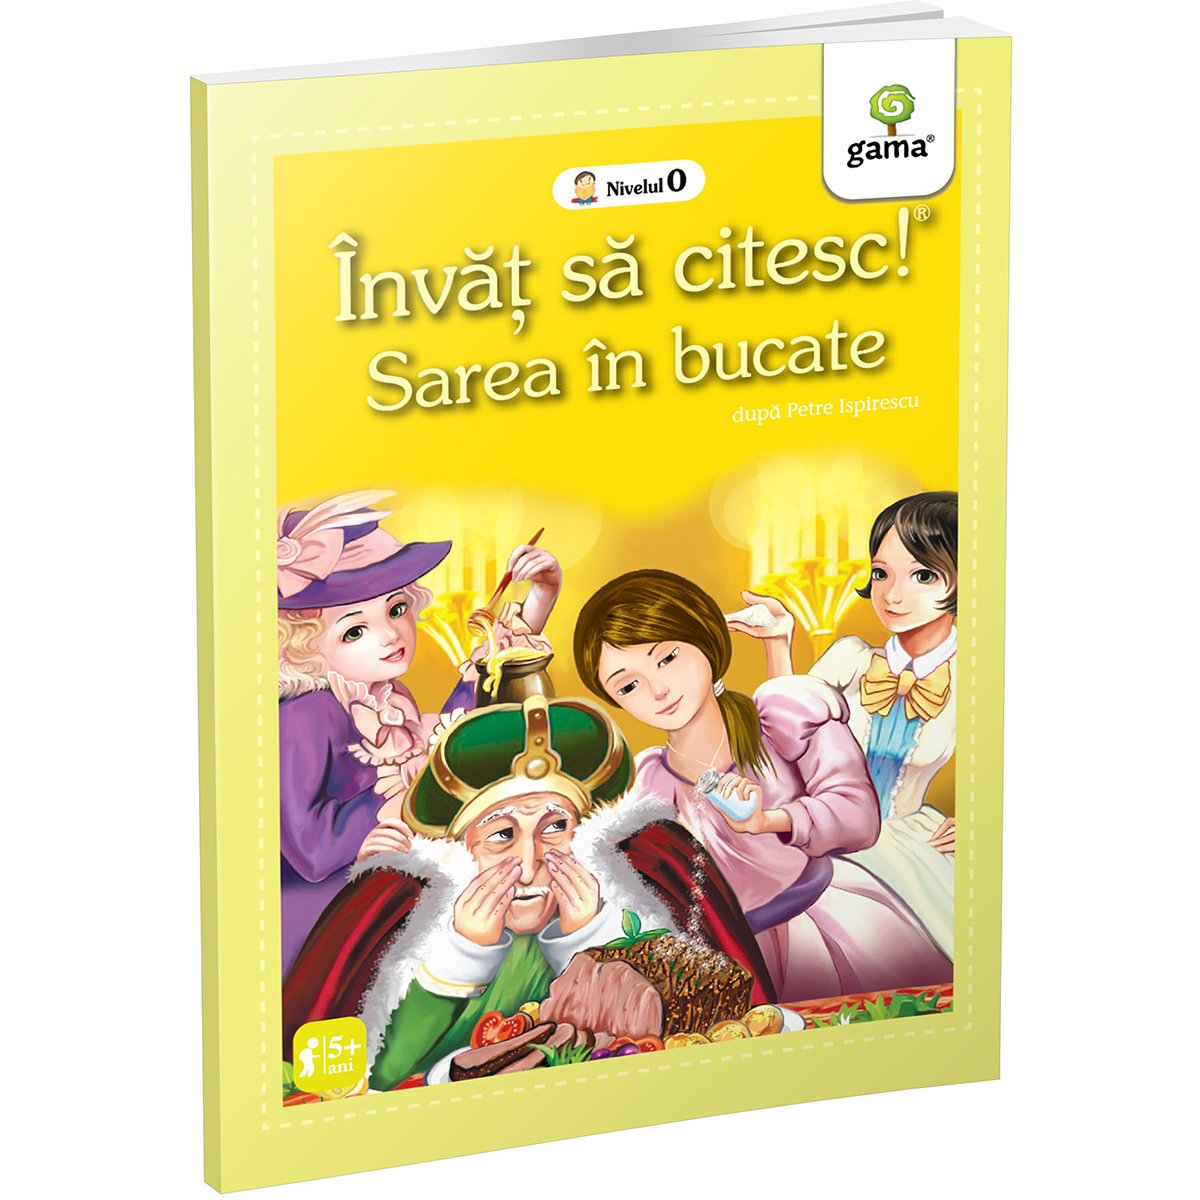 Carte Editura Gama, Sarea in bucate, Invat sa citesc! Nivelul 0